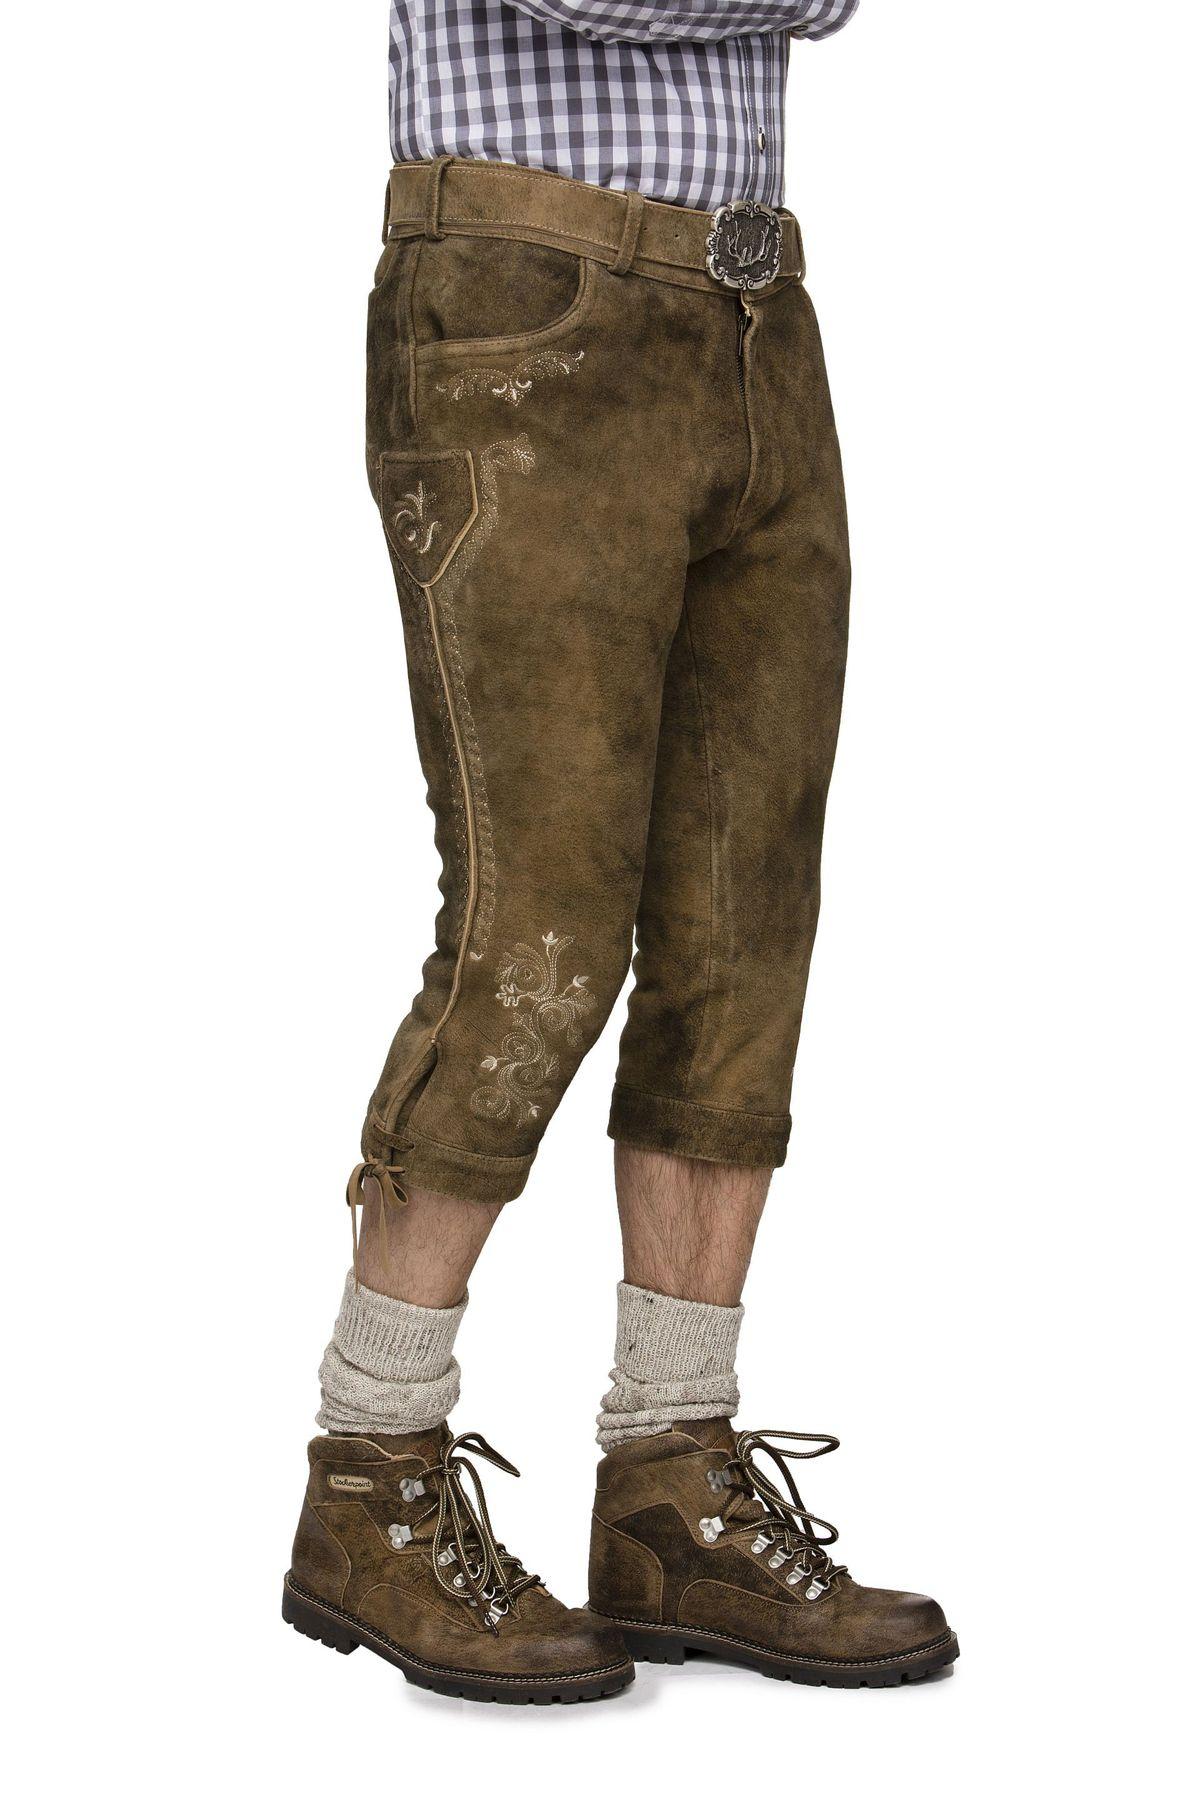 Herren Trachten Lederhose von der Marke STOCKERPOINT in verschiedenen Farben, Sigmar3 – Bild 5